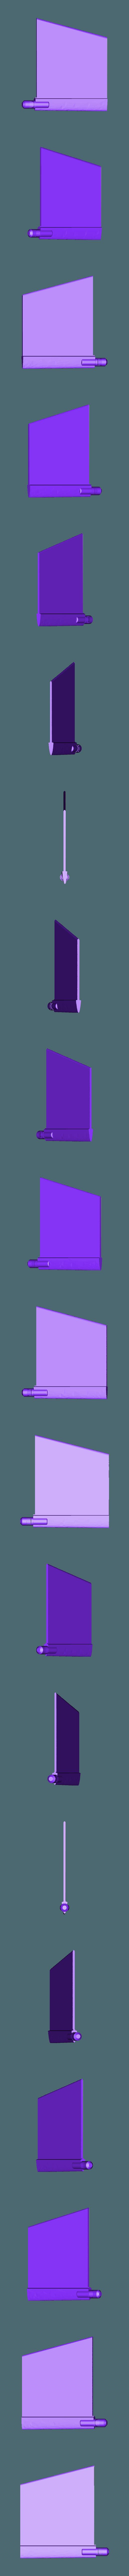 wing.stl Download free STL file Wind vane fly • 3D printable model, Evgen3D